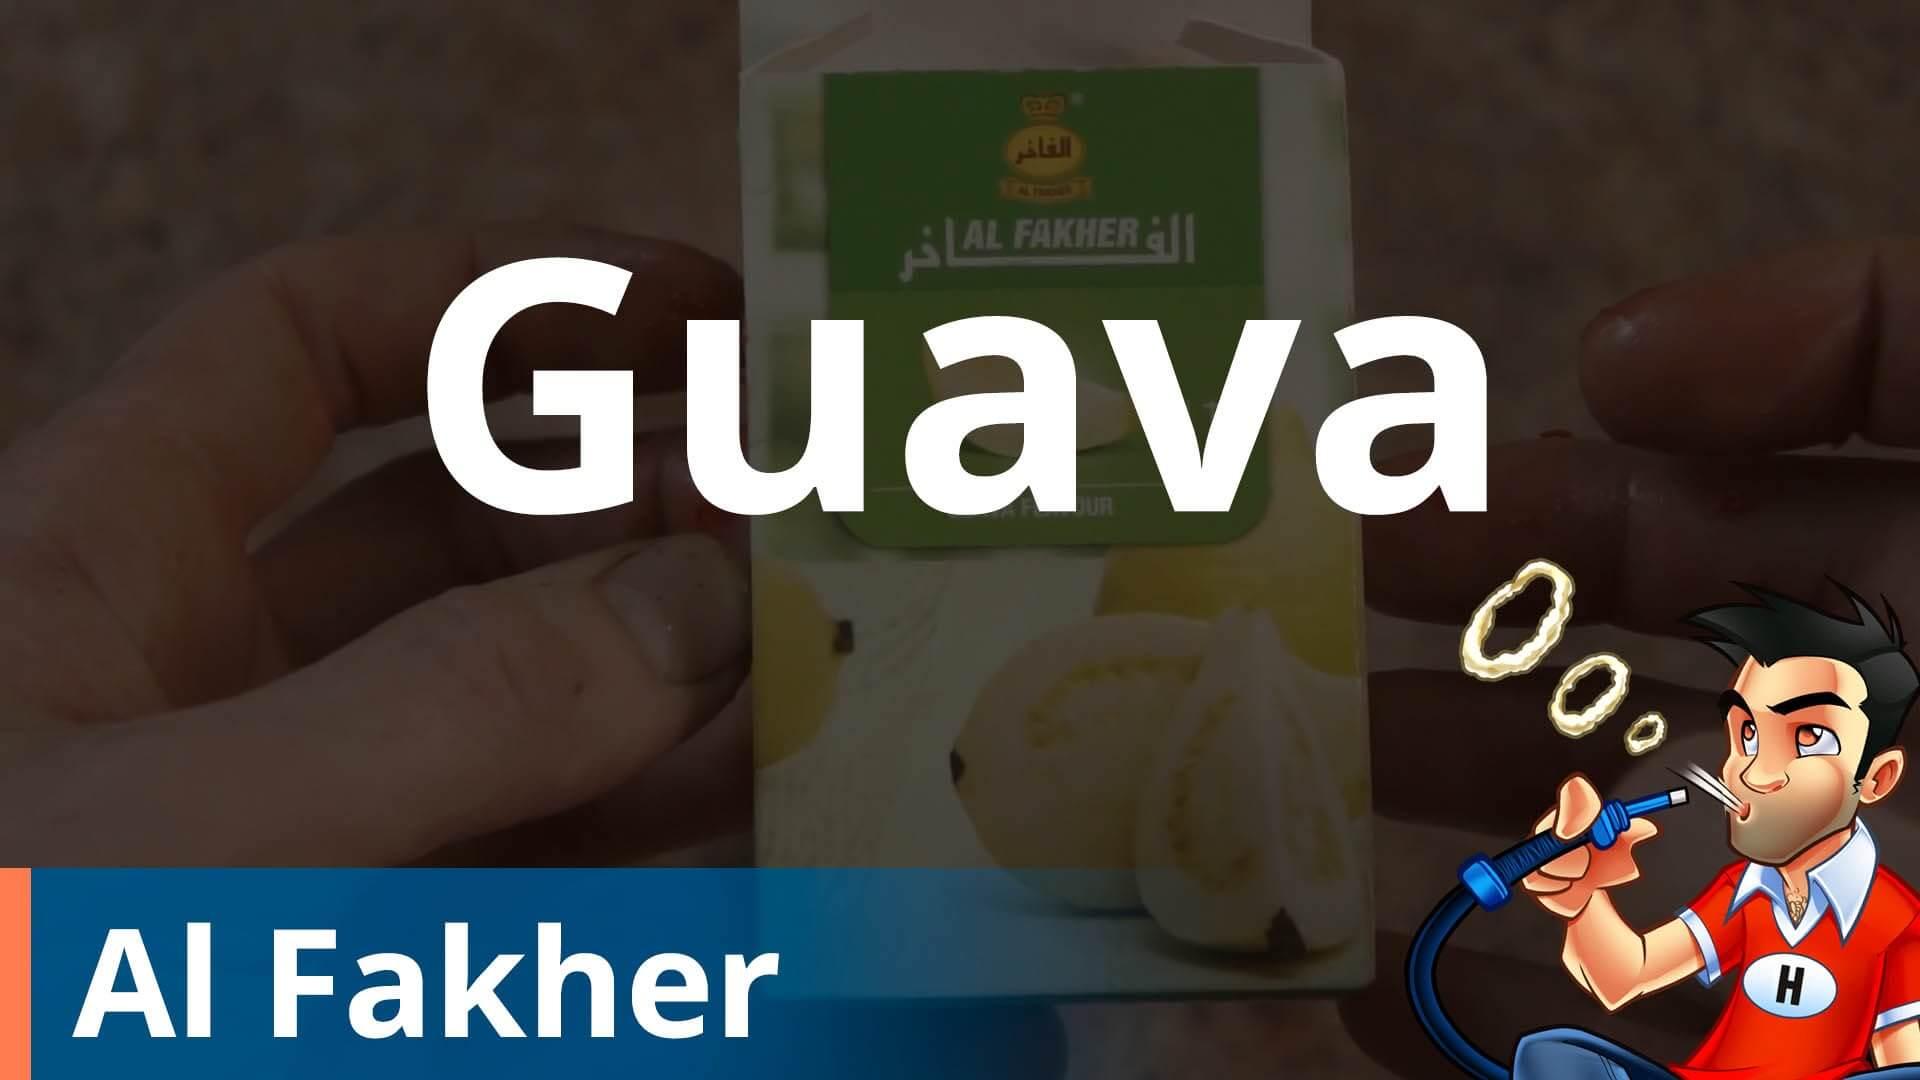 Al Fakher Guava Shisha Review